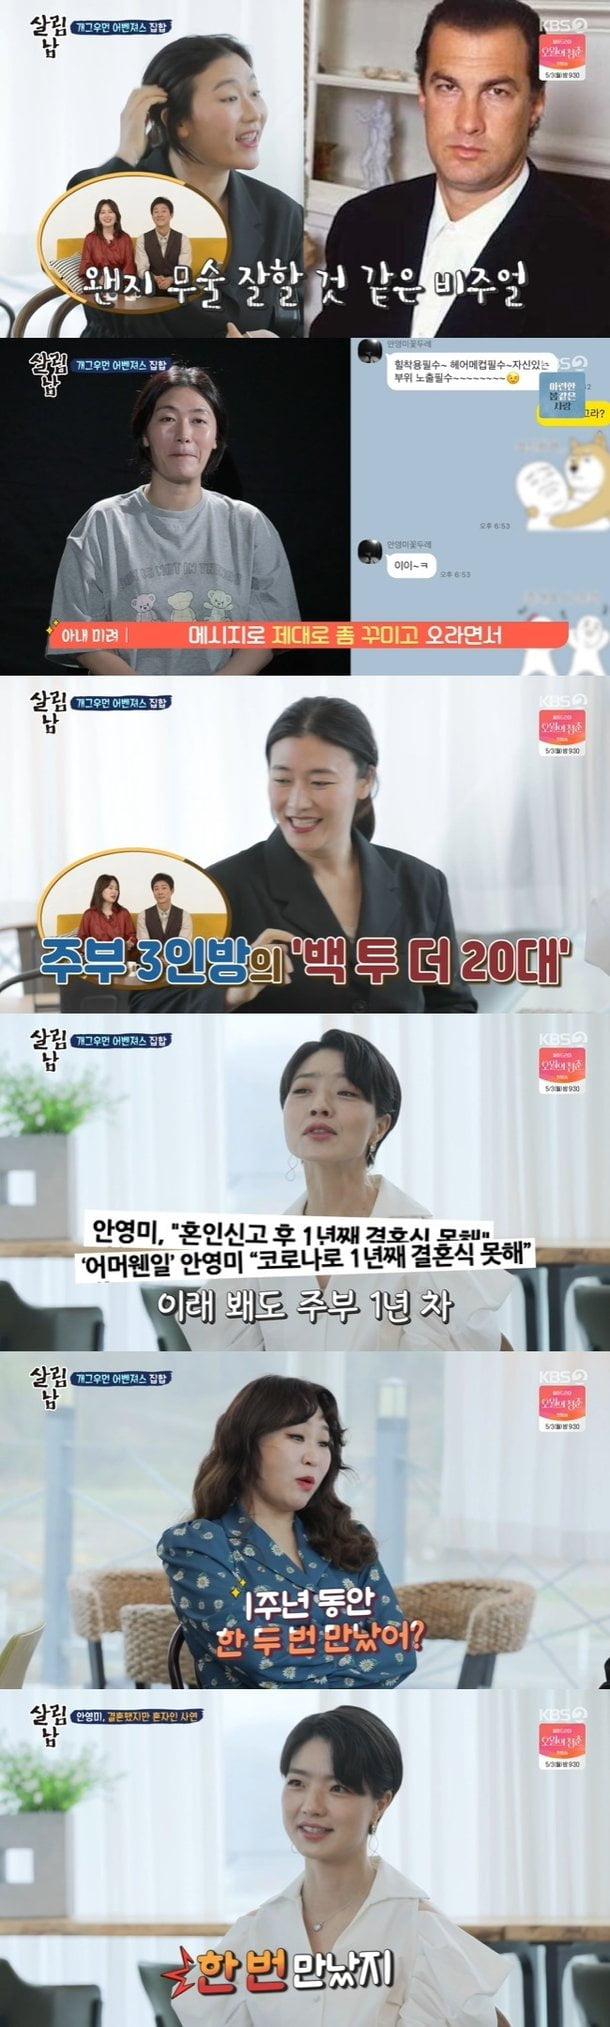 안영미/사진=KBS 2TV '살림하는 남자들2'